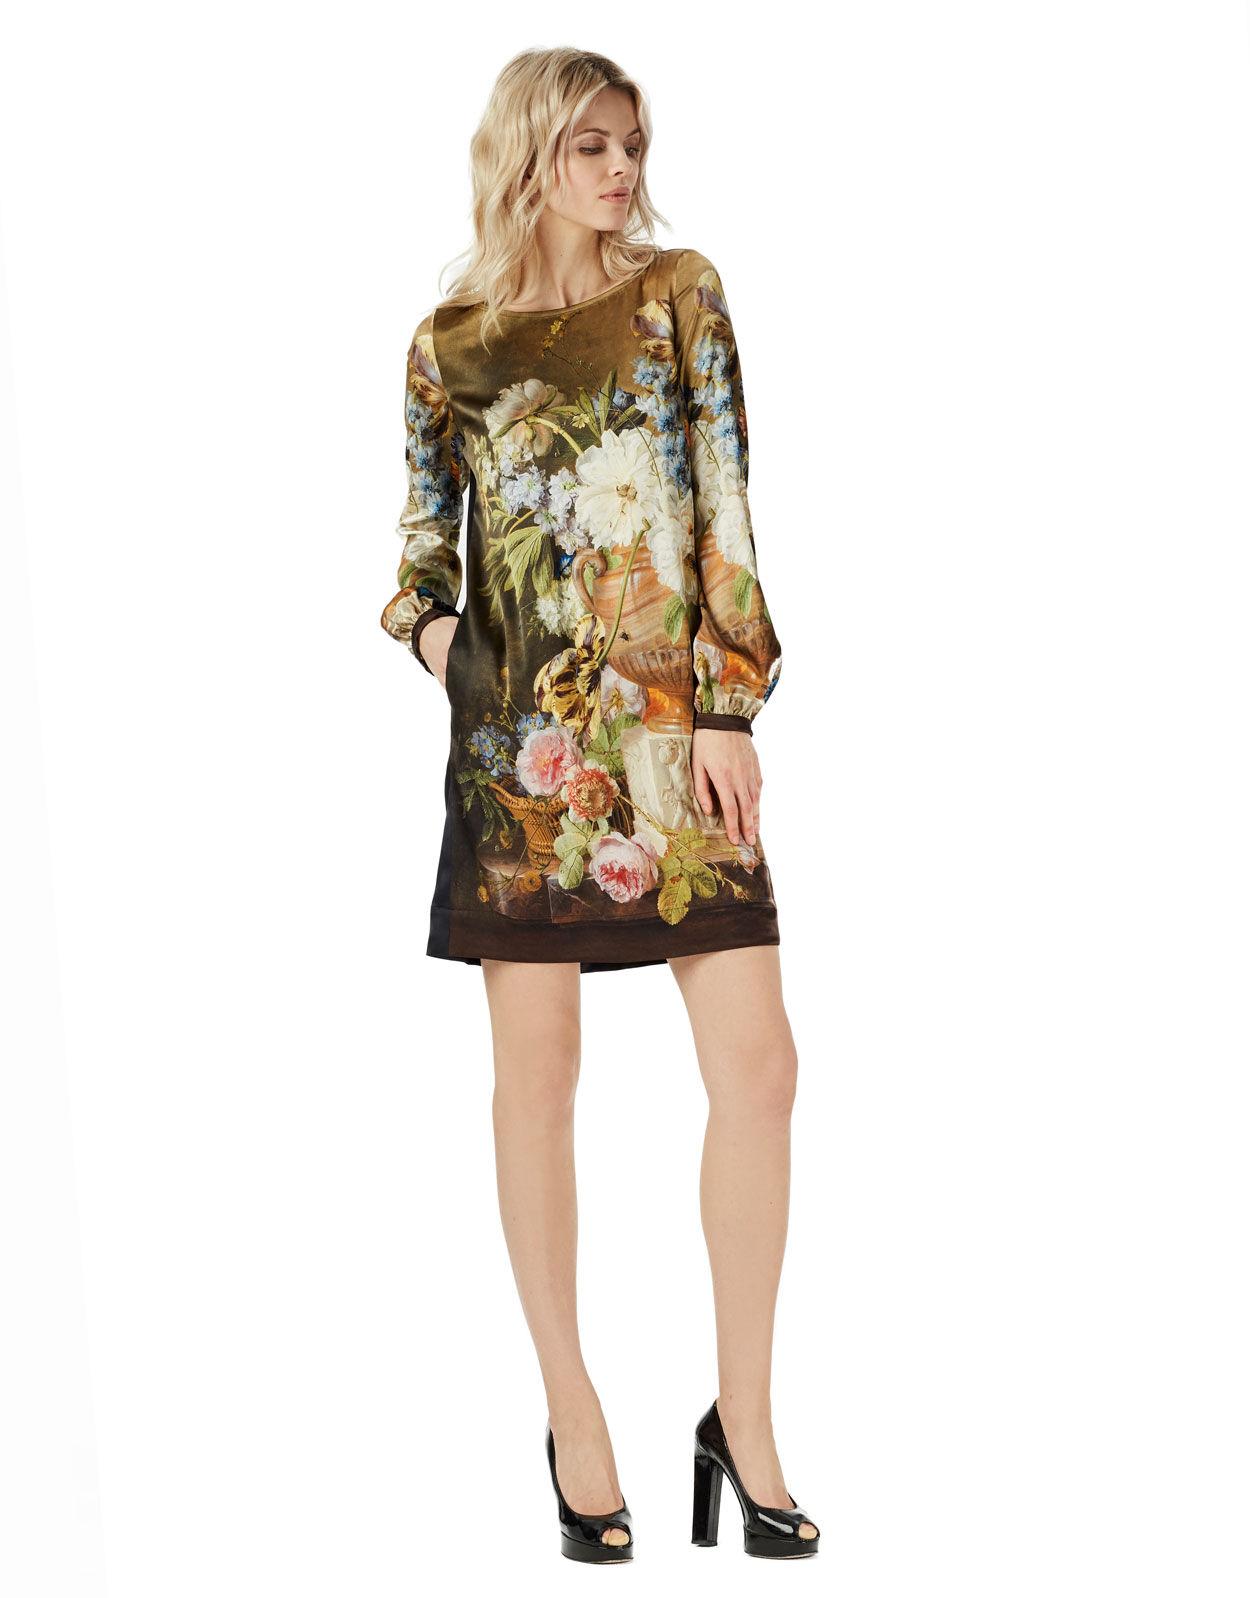 Abbildung von LaDress Art Dress seidensatin kleid print